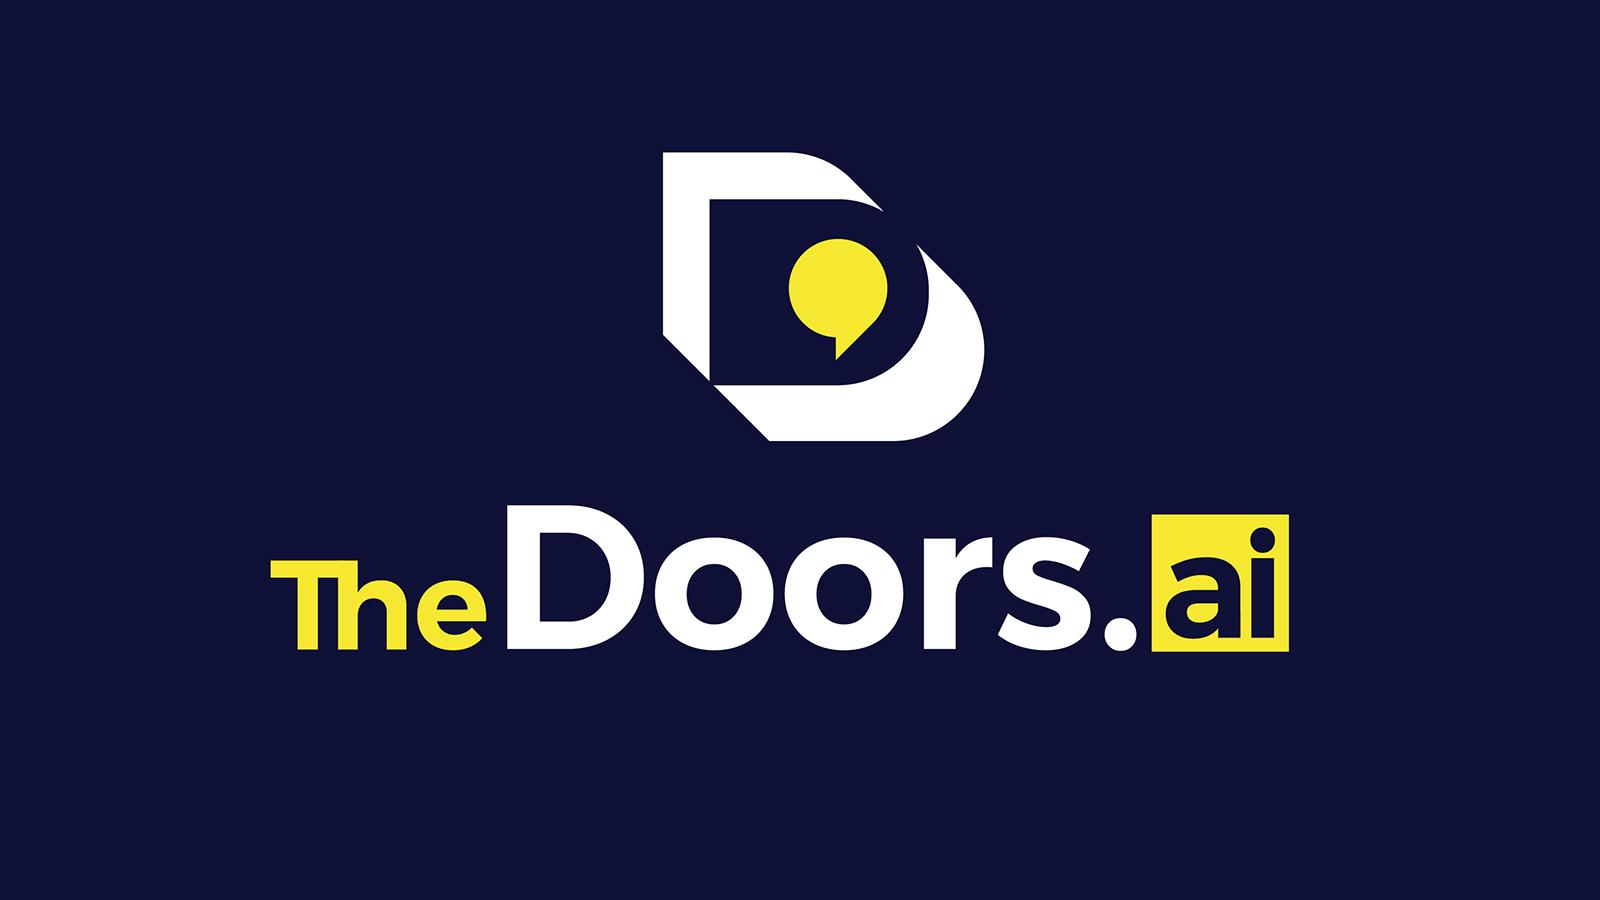 The Doors.ai